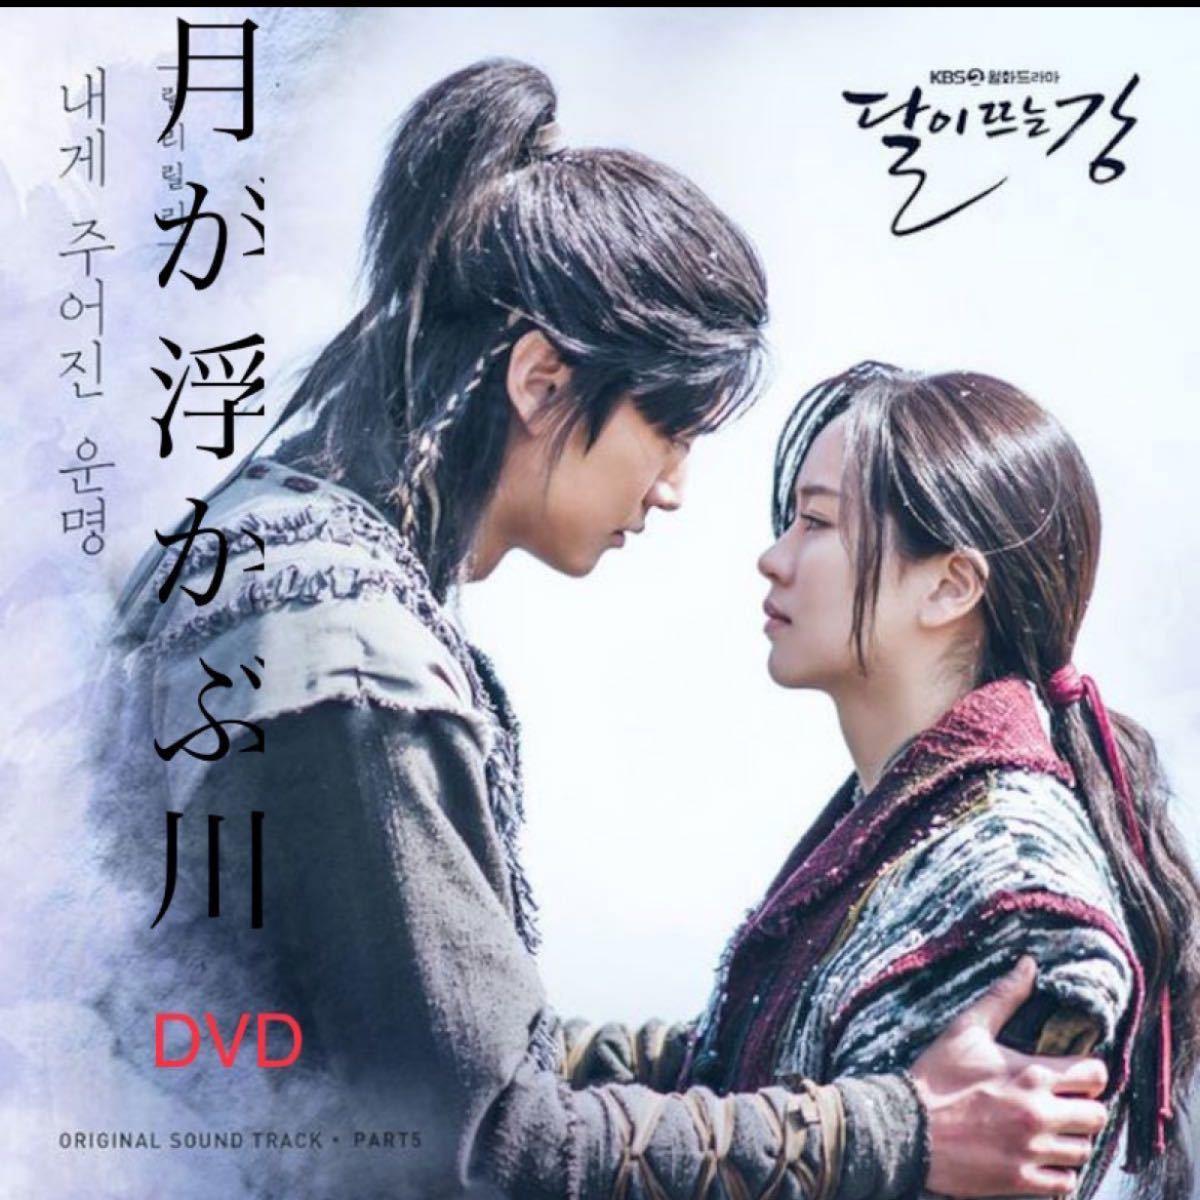 韓国ドラマ 月が浮かぶ川 DVD『レーベル印刷有り』全話